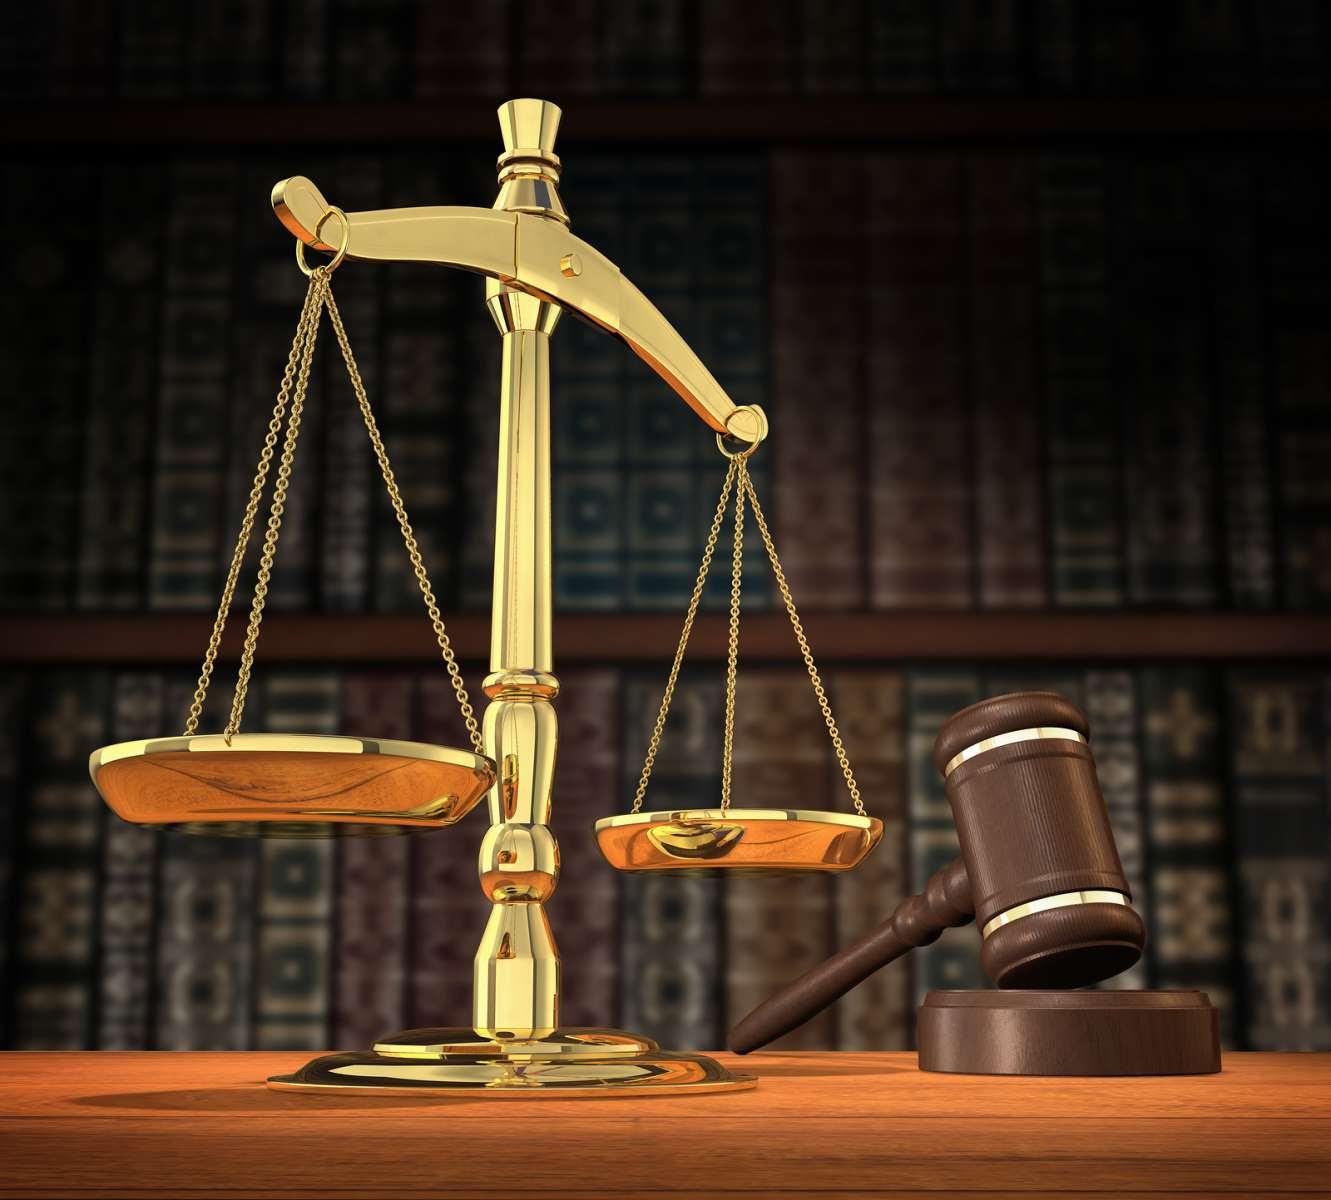 Resultado de imagem para imagens lei balança justiça